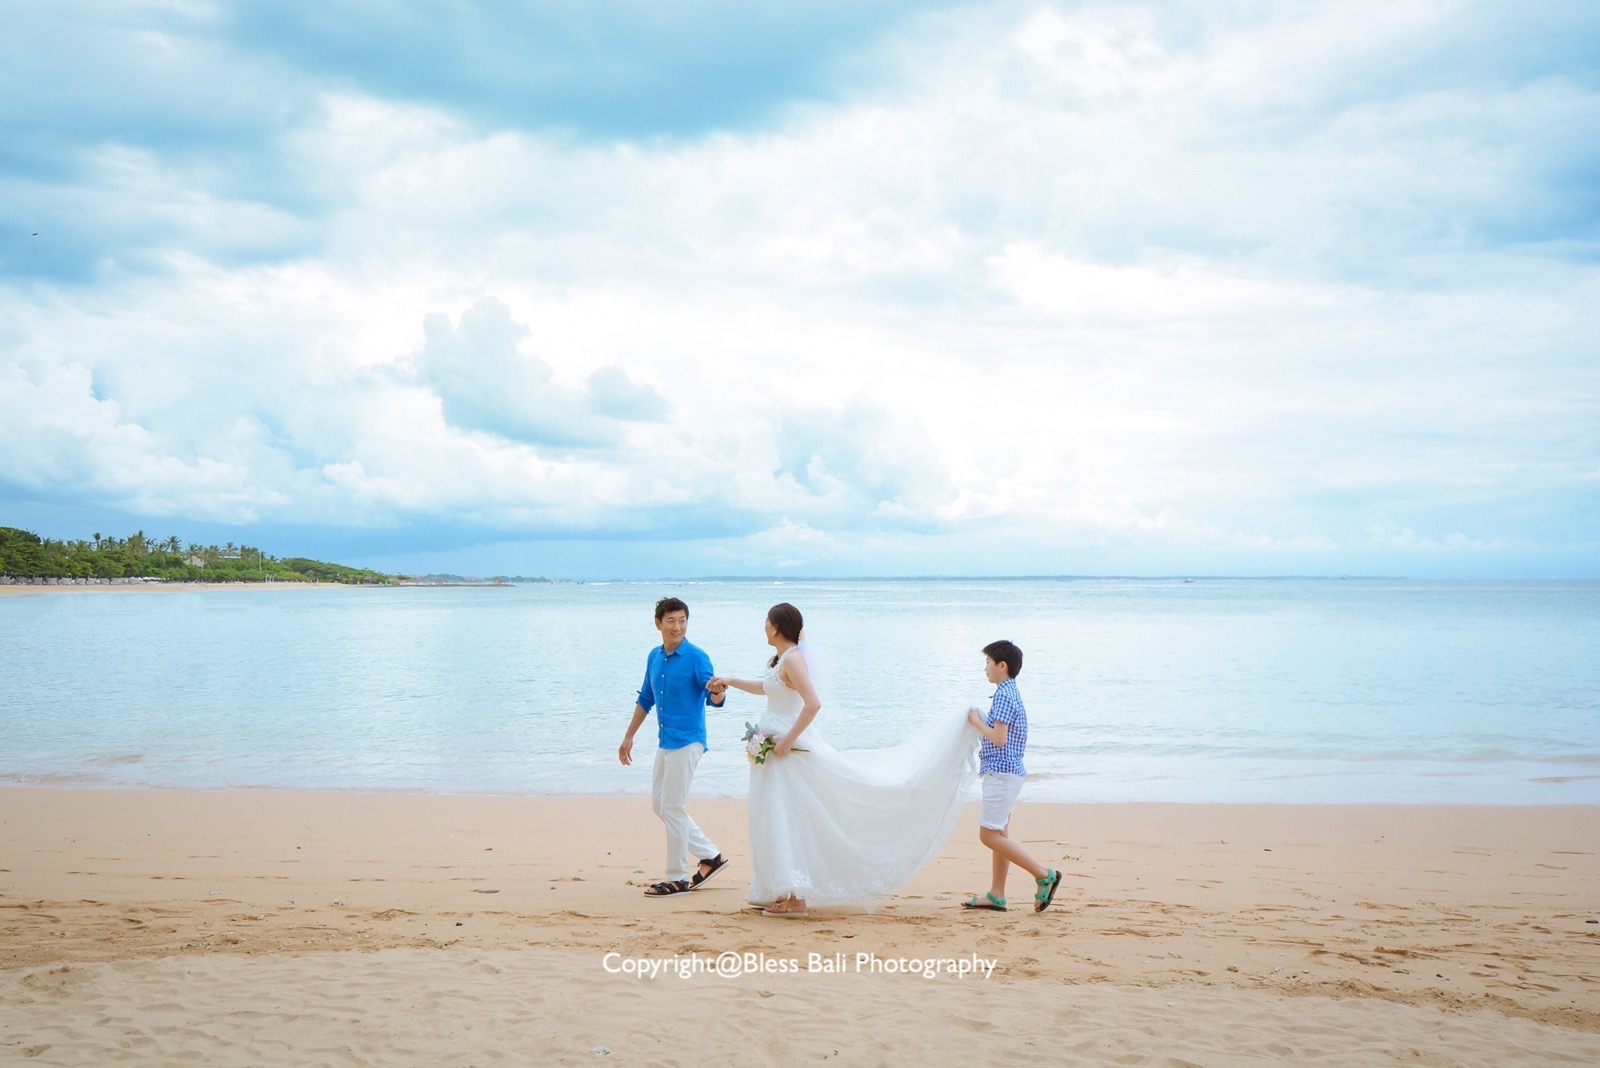 バリ島家族旅行でウェディングフォト